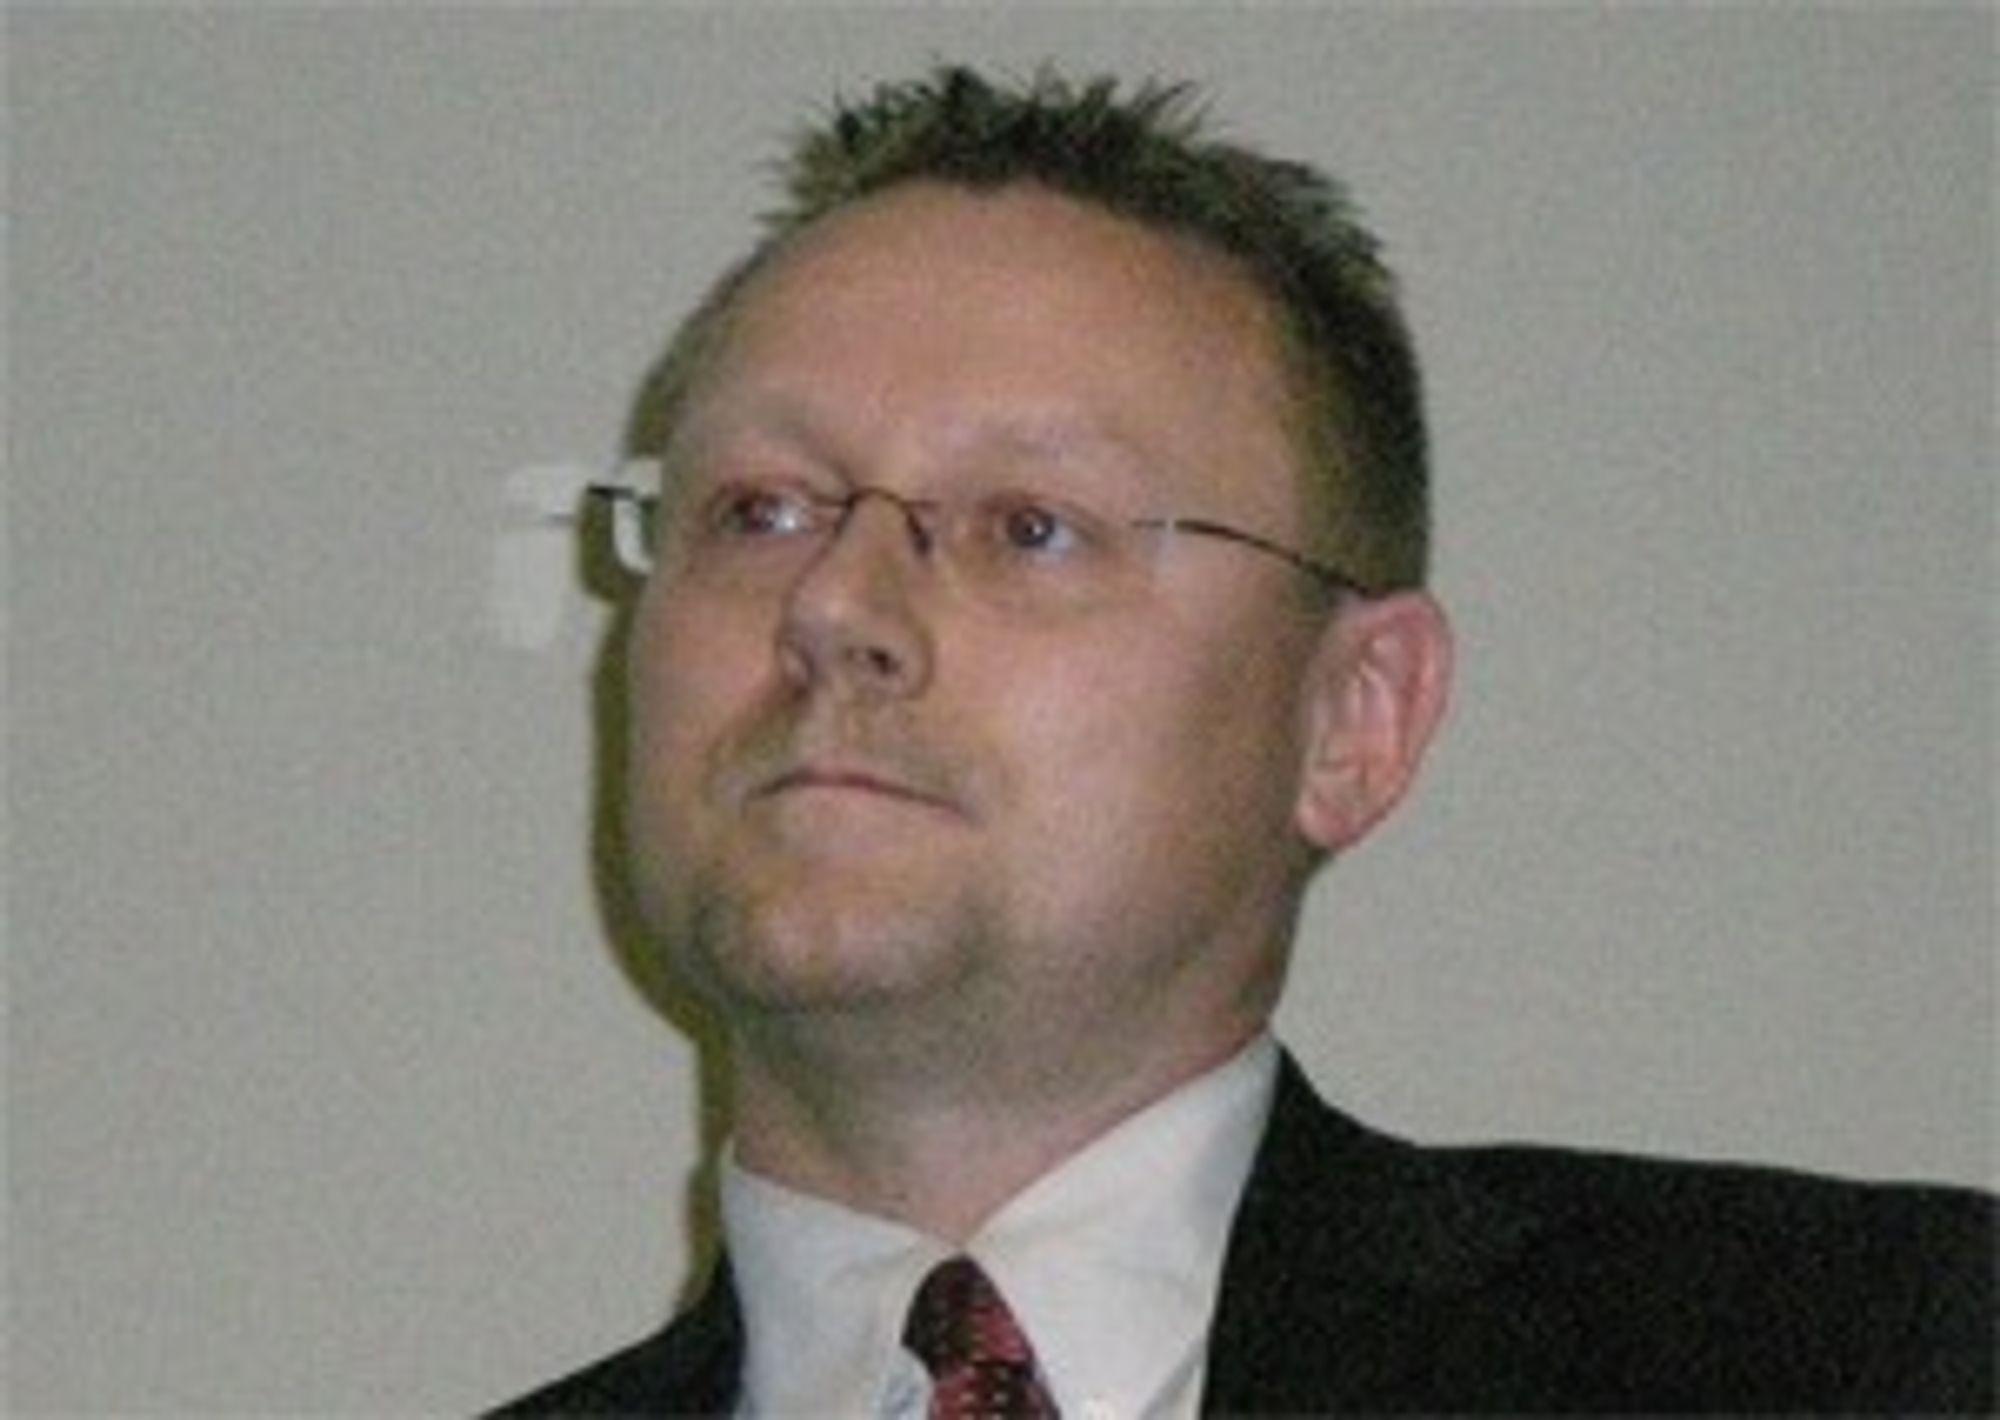 Visepresident Michael Reh i SAP mener Lotus Notes kan gi all nødvendig klientfunksjonalitet mot SAPs hovedprodukt Business Suite.